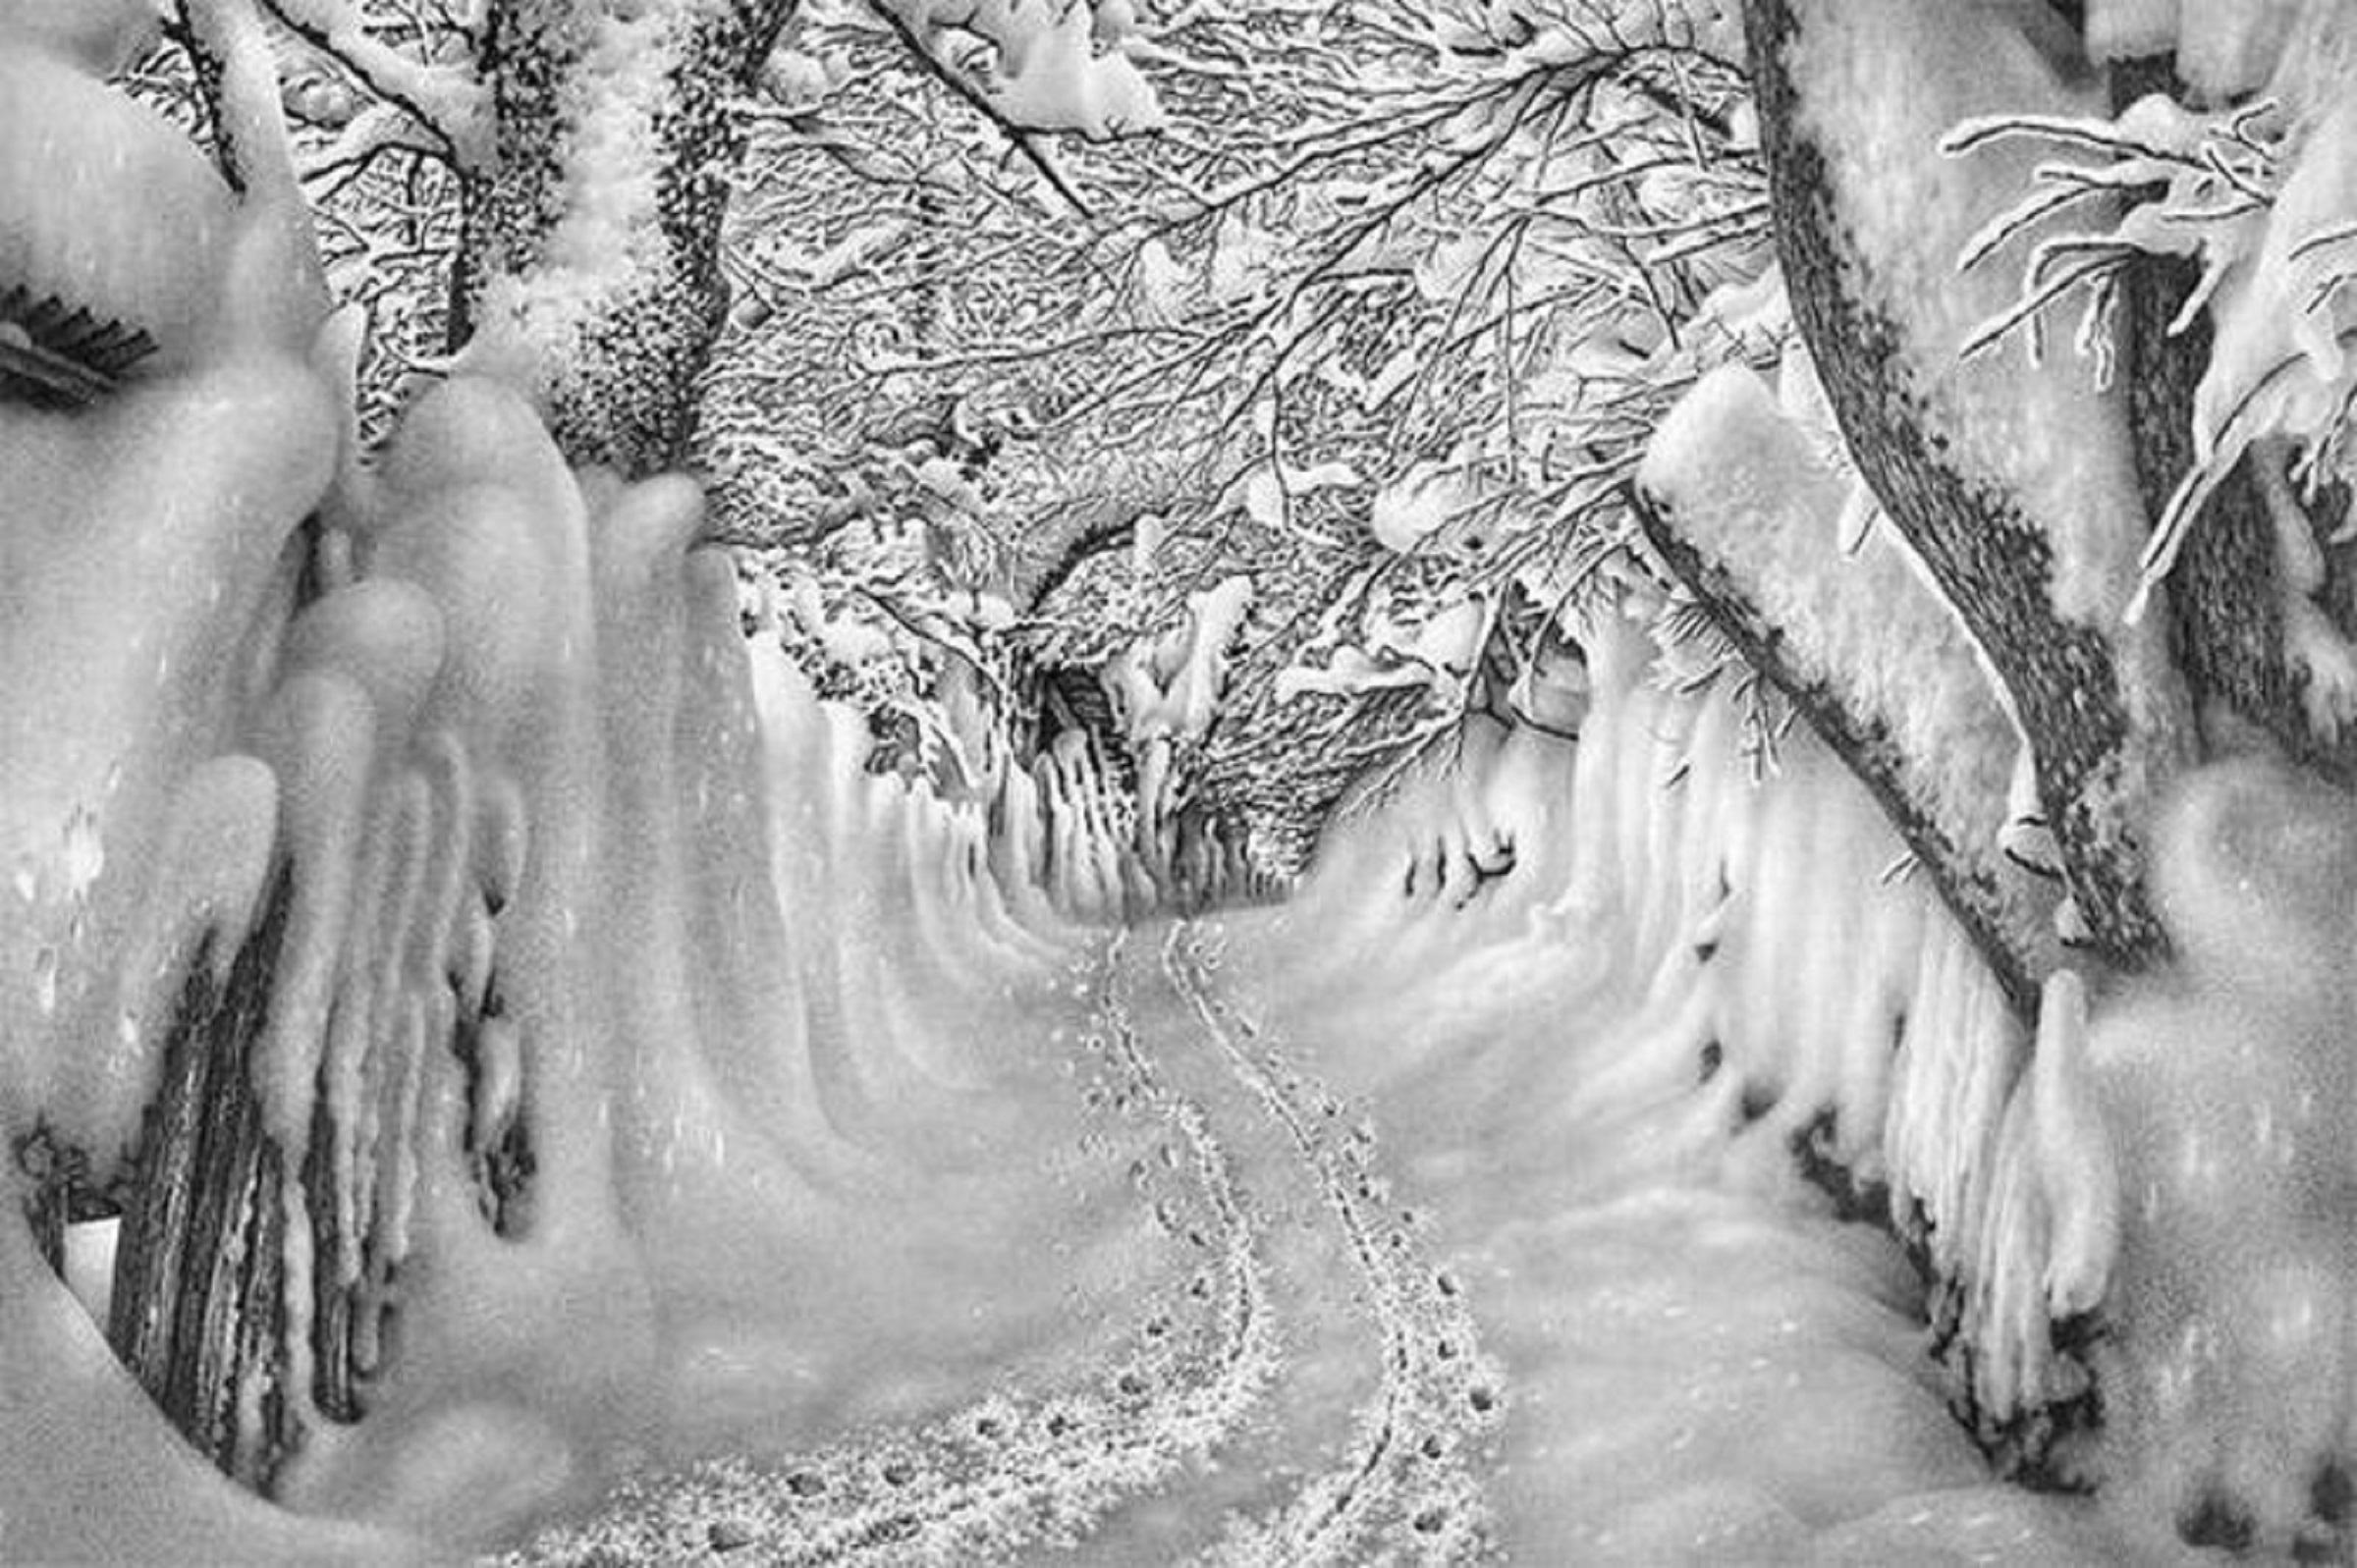 карандашные картинки зимы тоже уверены, что